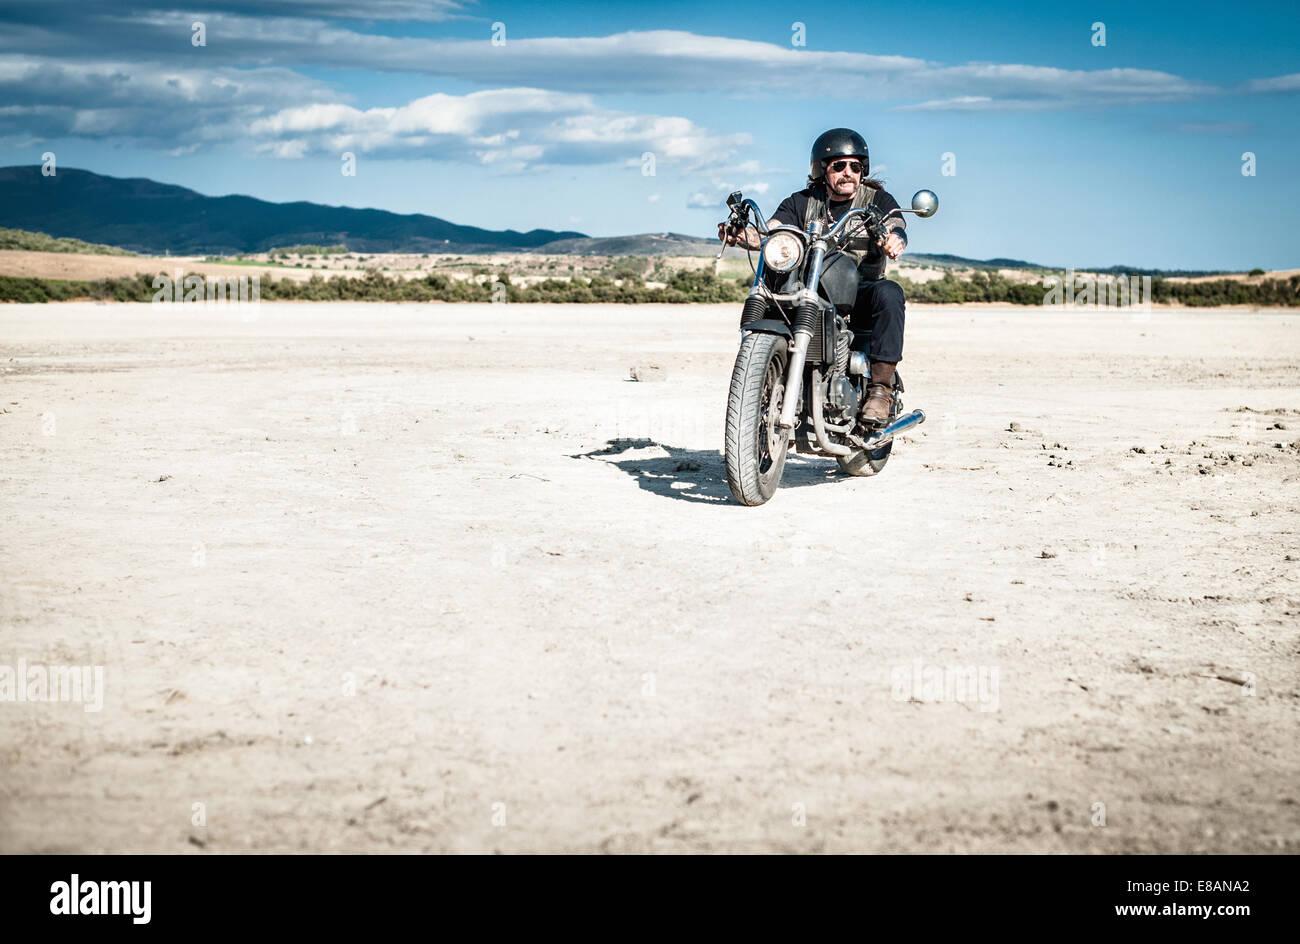 Reifer Mann Motorrad über trockenen Ebene, Cagliari, Sardinien, Italien Stockbild